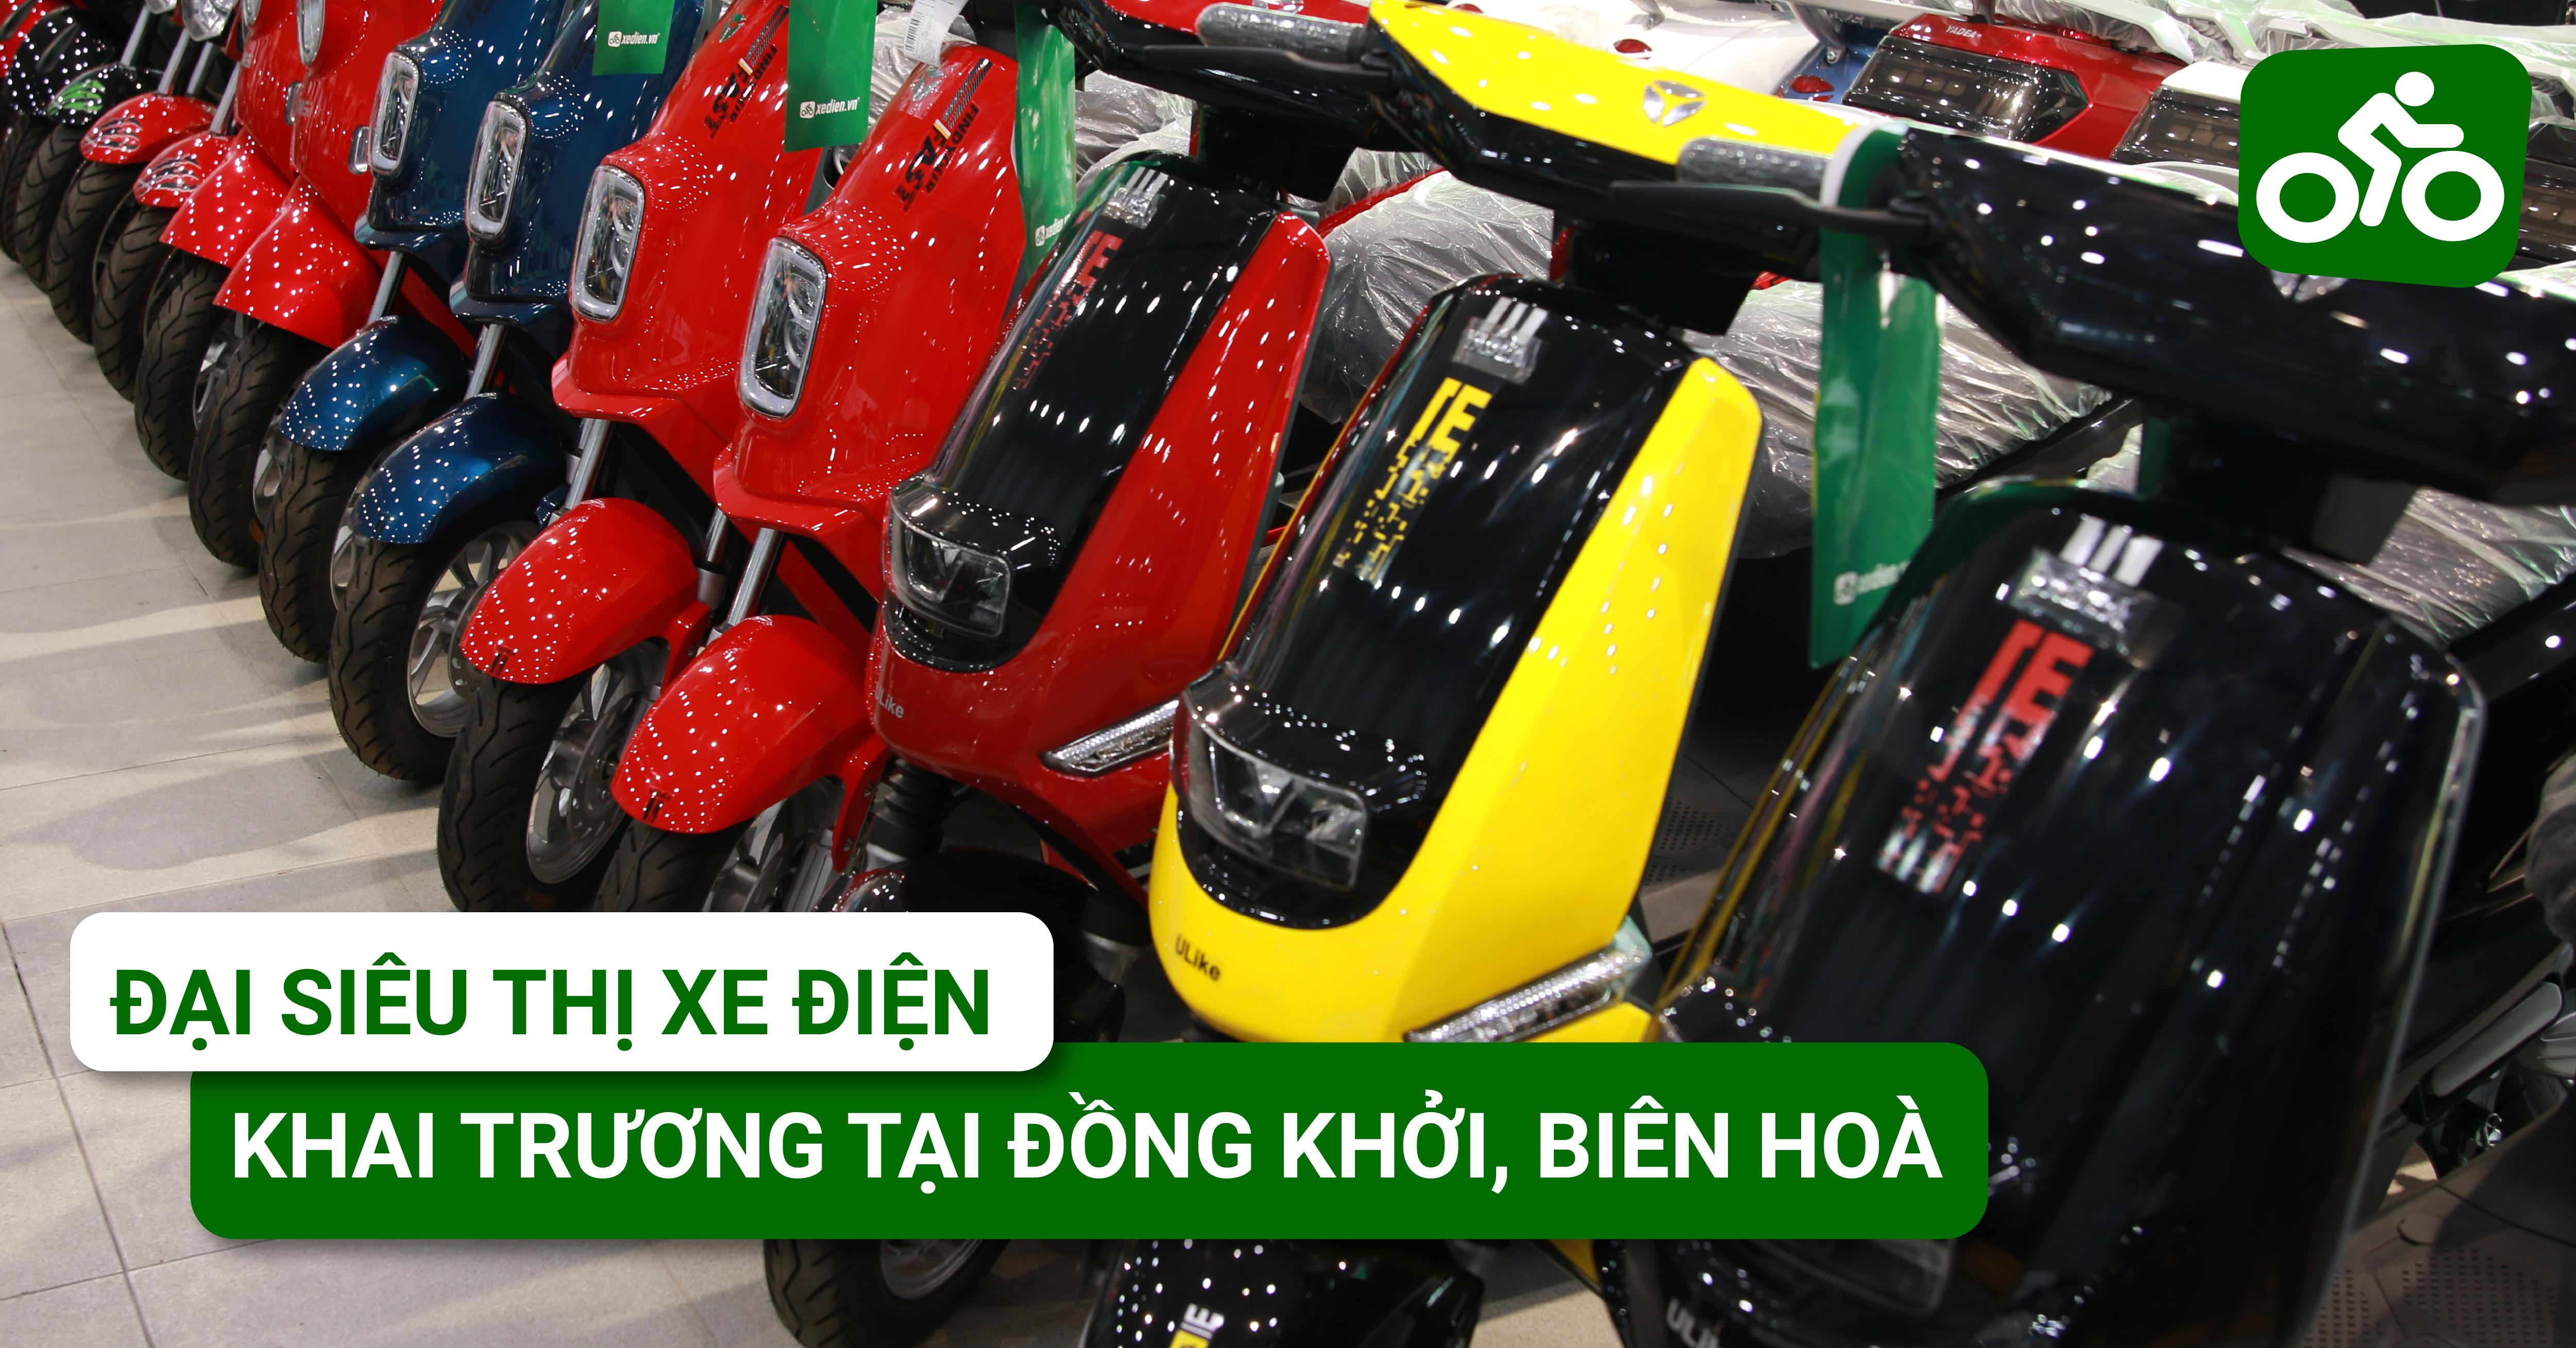 Đại siêu thị xe đạp, xe điện chính thức khai trương tại Đồng Khởi, Biên Hòa